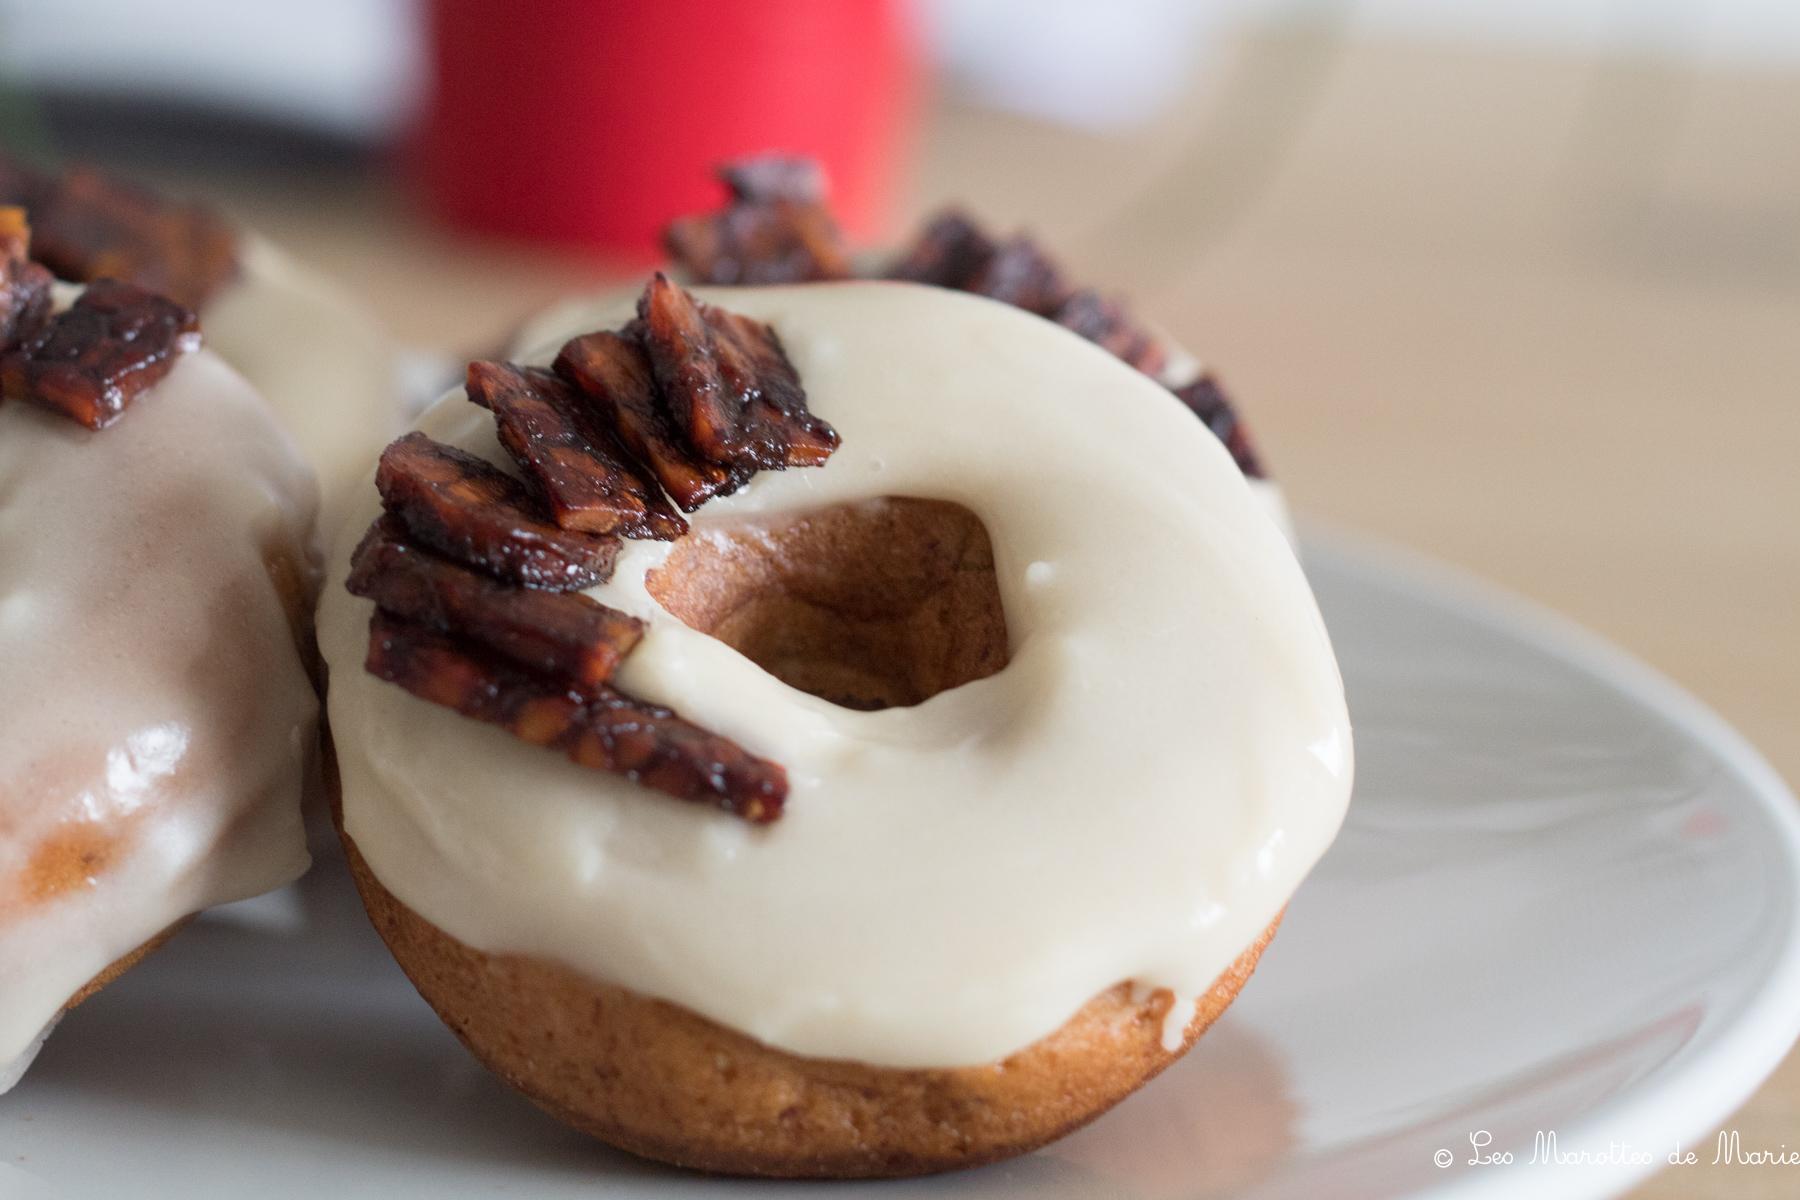 2020 05 6 donut sirop erable vegan Les marottes de marie-1